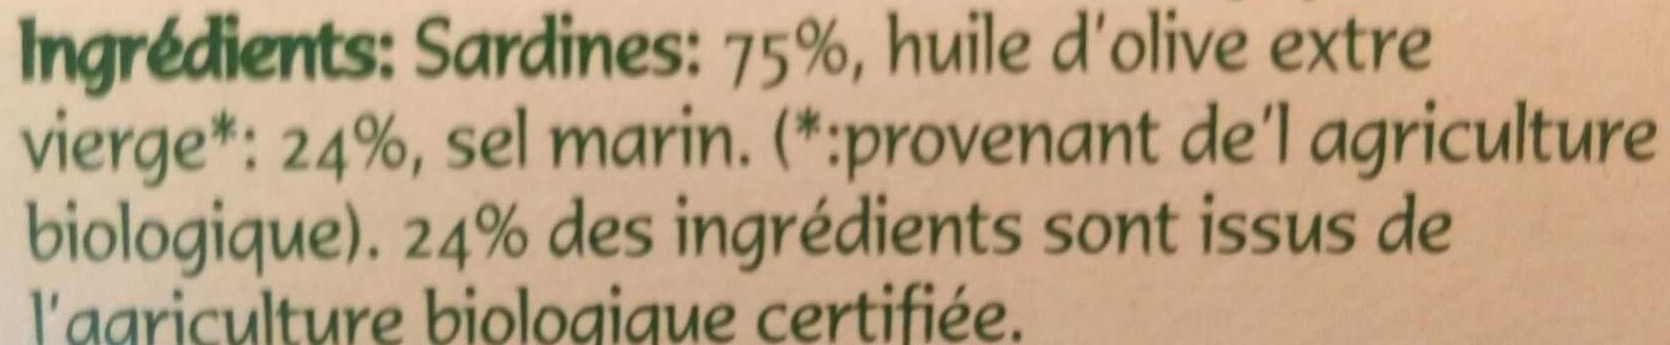 Sardines à l'Huile d'Olive Biologique - Ingrediënten - fr